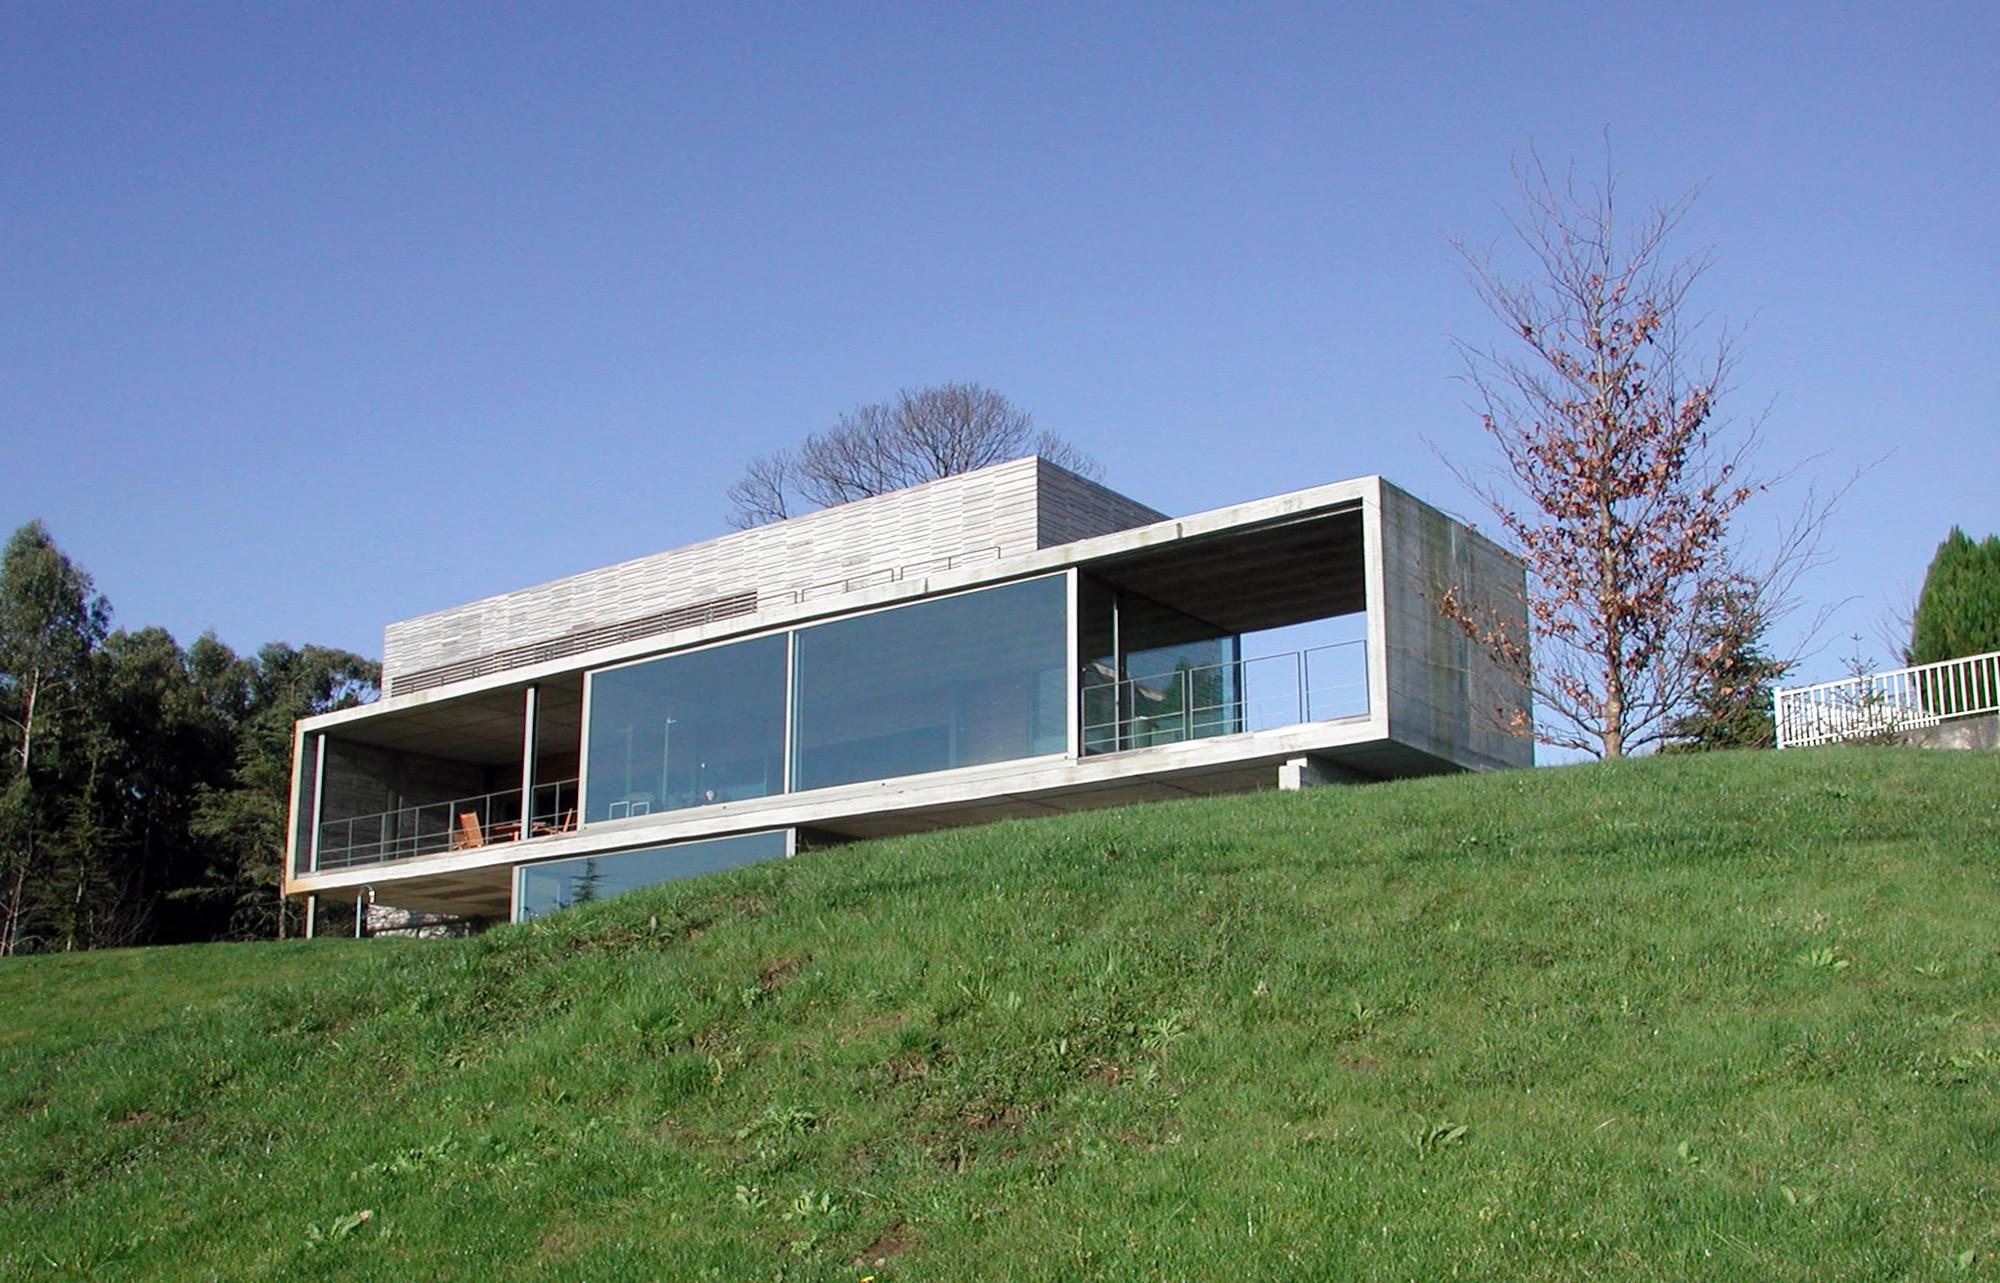 Galeria de casa em perbes vier arquitectos 1 for Casa de arquitectos